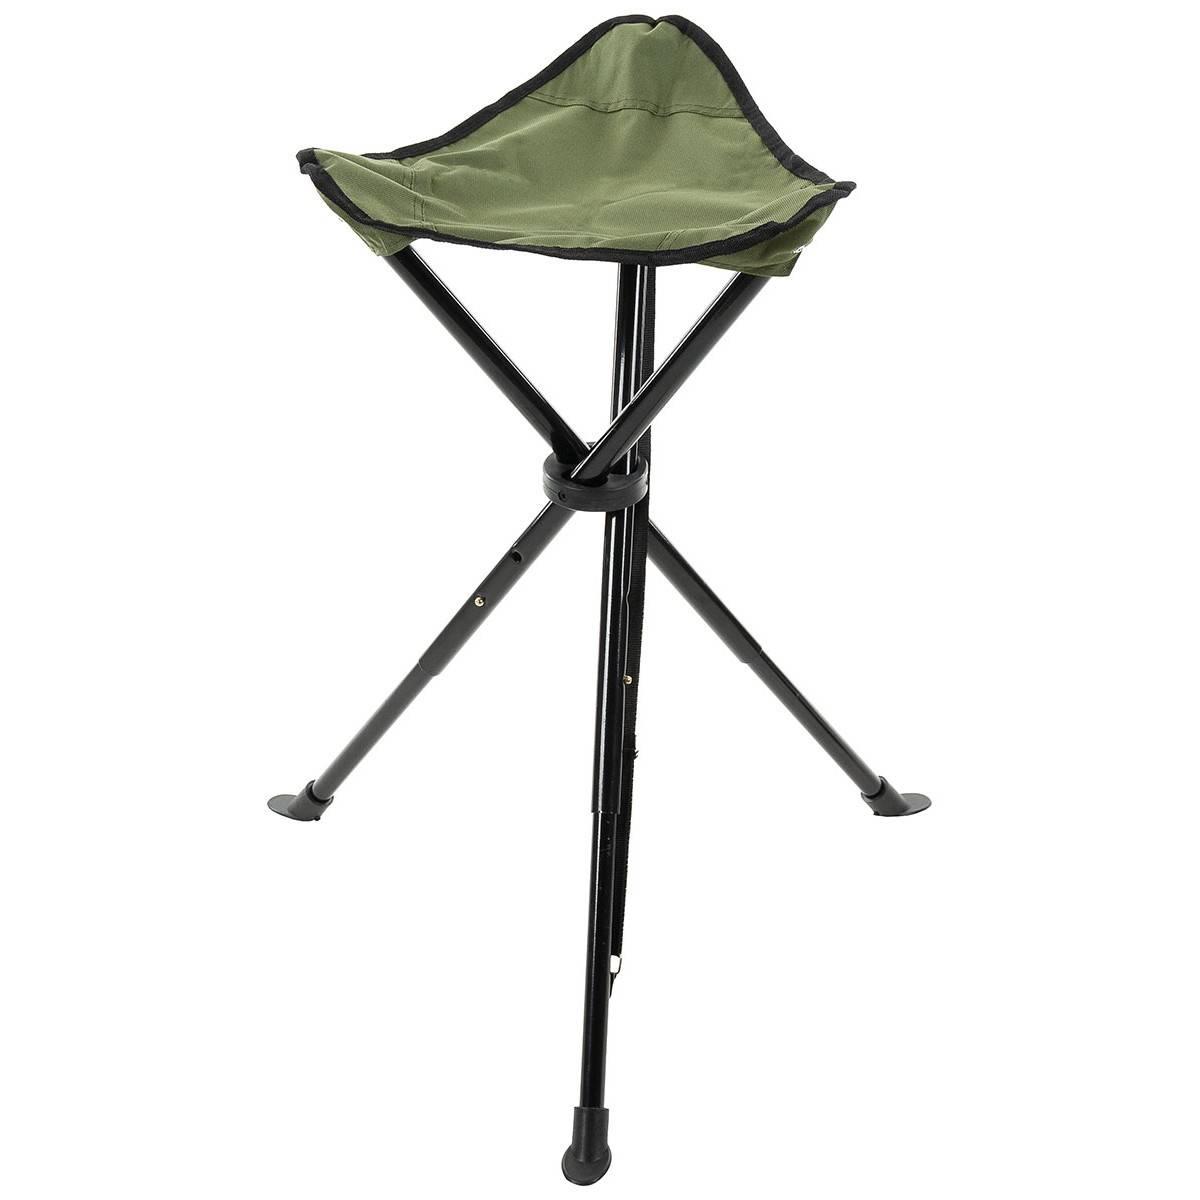 folding chair legs bedroom wicker 3 leg telescope od green trekking